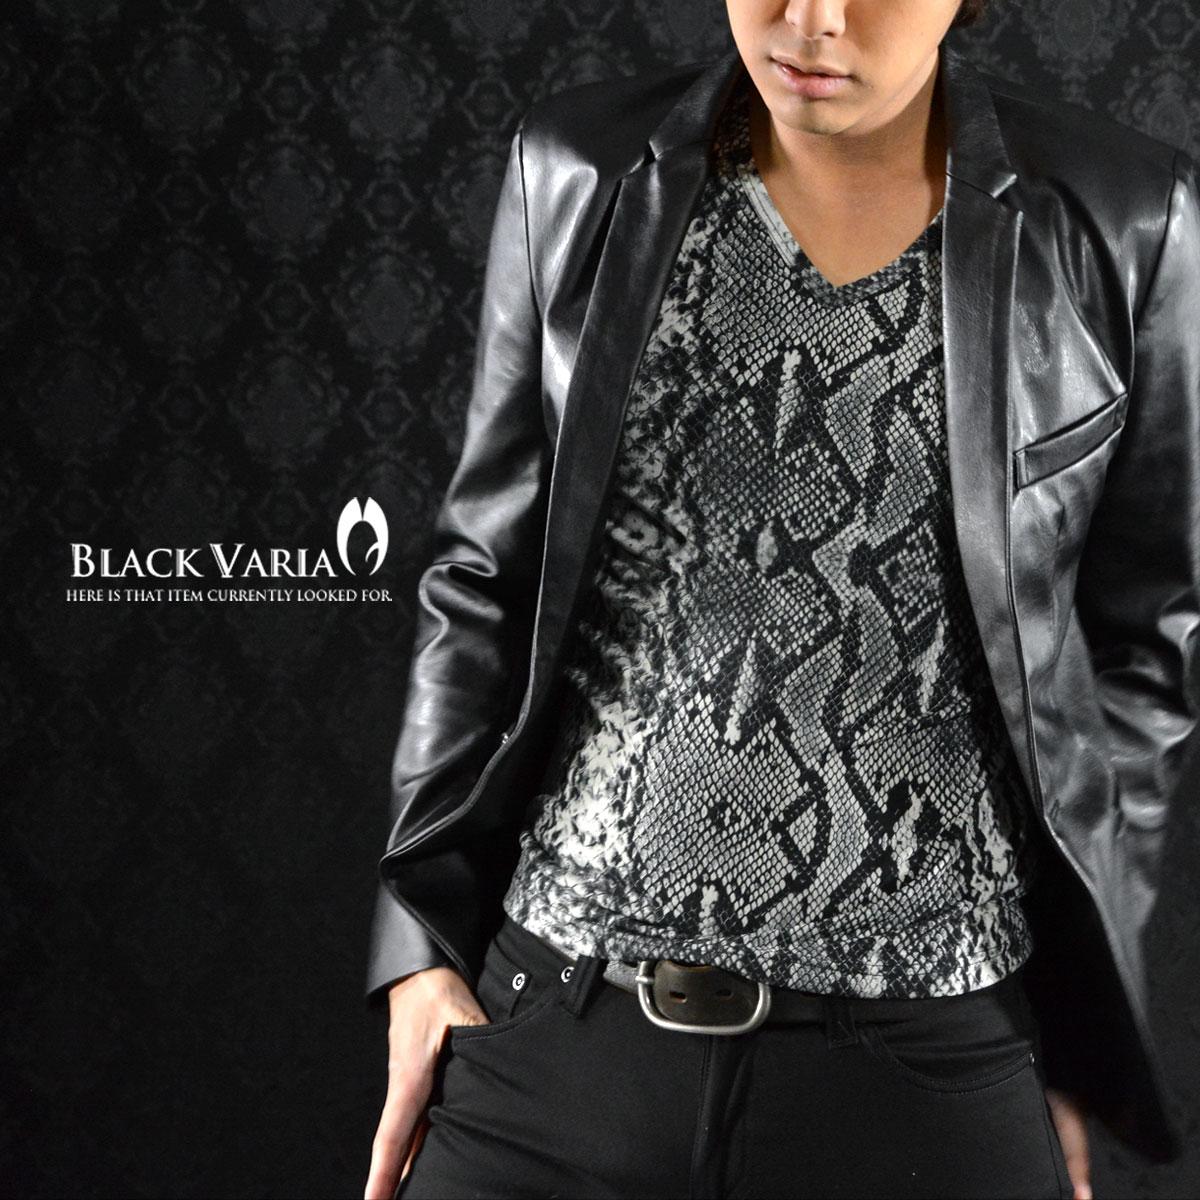 テーラードジャケット PUフェイクレザー 合成皮革 1釦 ノッチドラペル メンズ mens(ブラック黒) 931060